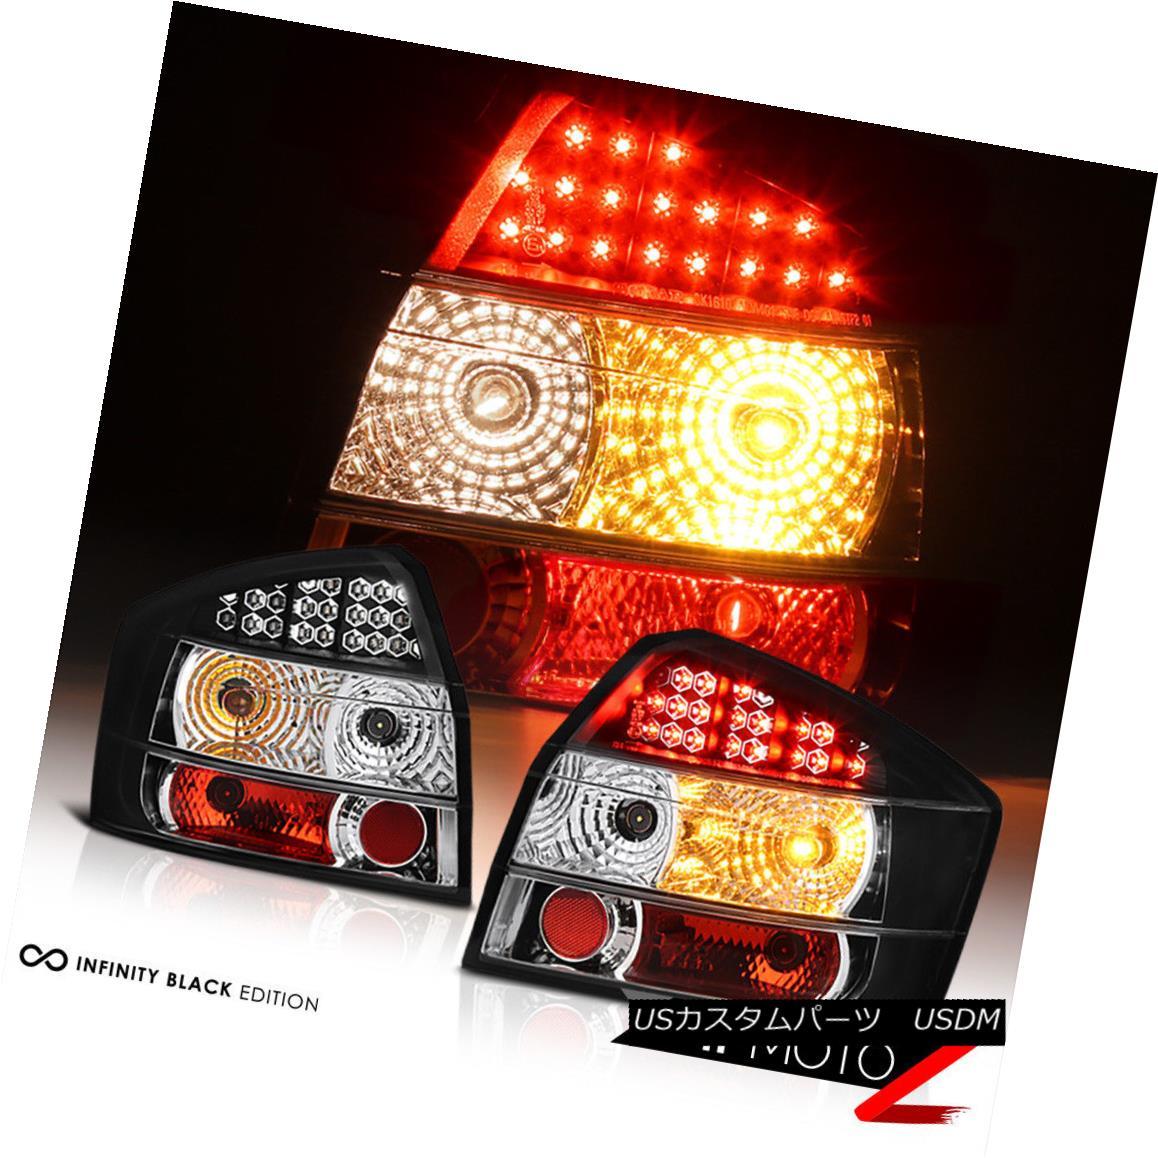 テールライト 02-05 A4 S4 Audi 4DR LH RH LED Tail Lights Black Rear Lamps Brake Pair Sedan 02-05 A4 S4アウディ4DR LH RHテールランプブラックリアライトブレーキペアセダン